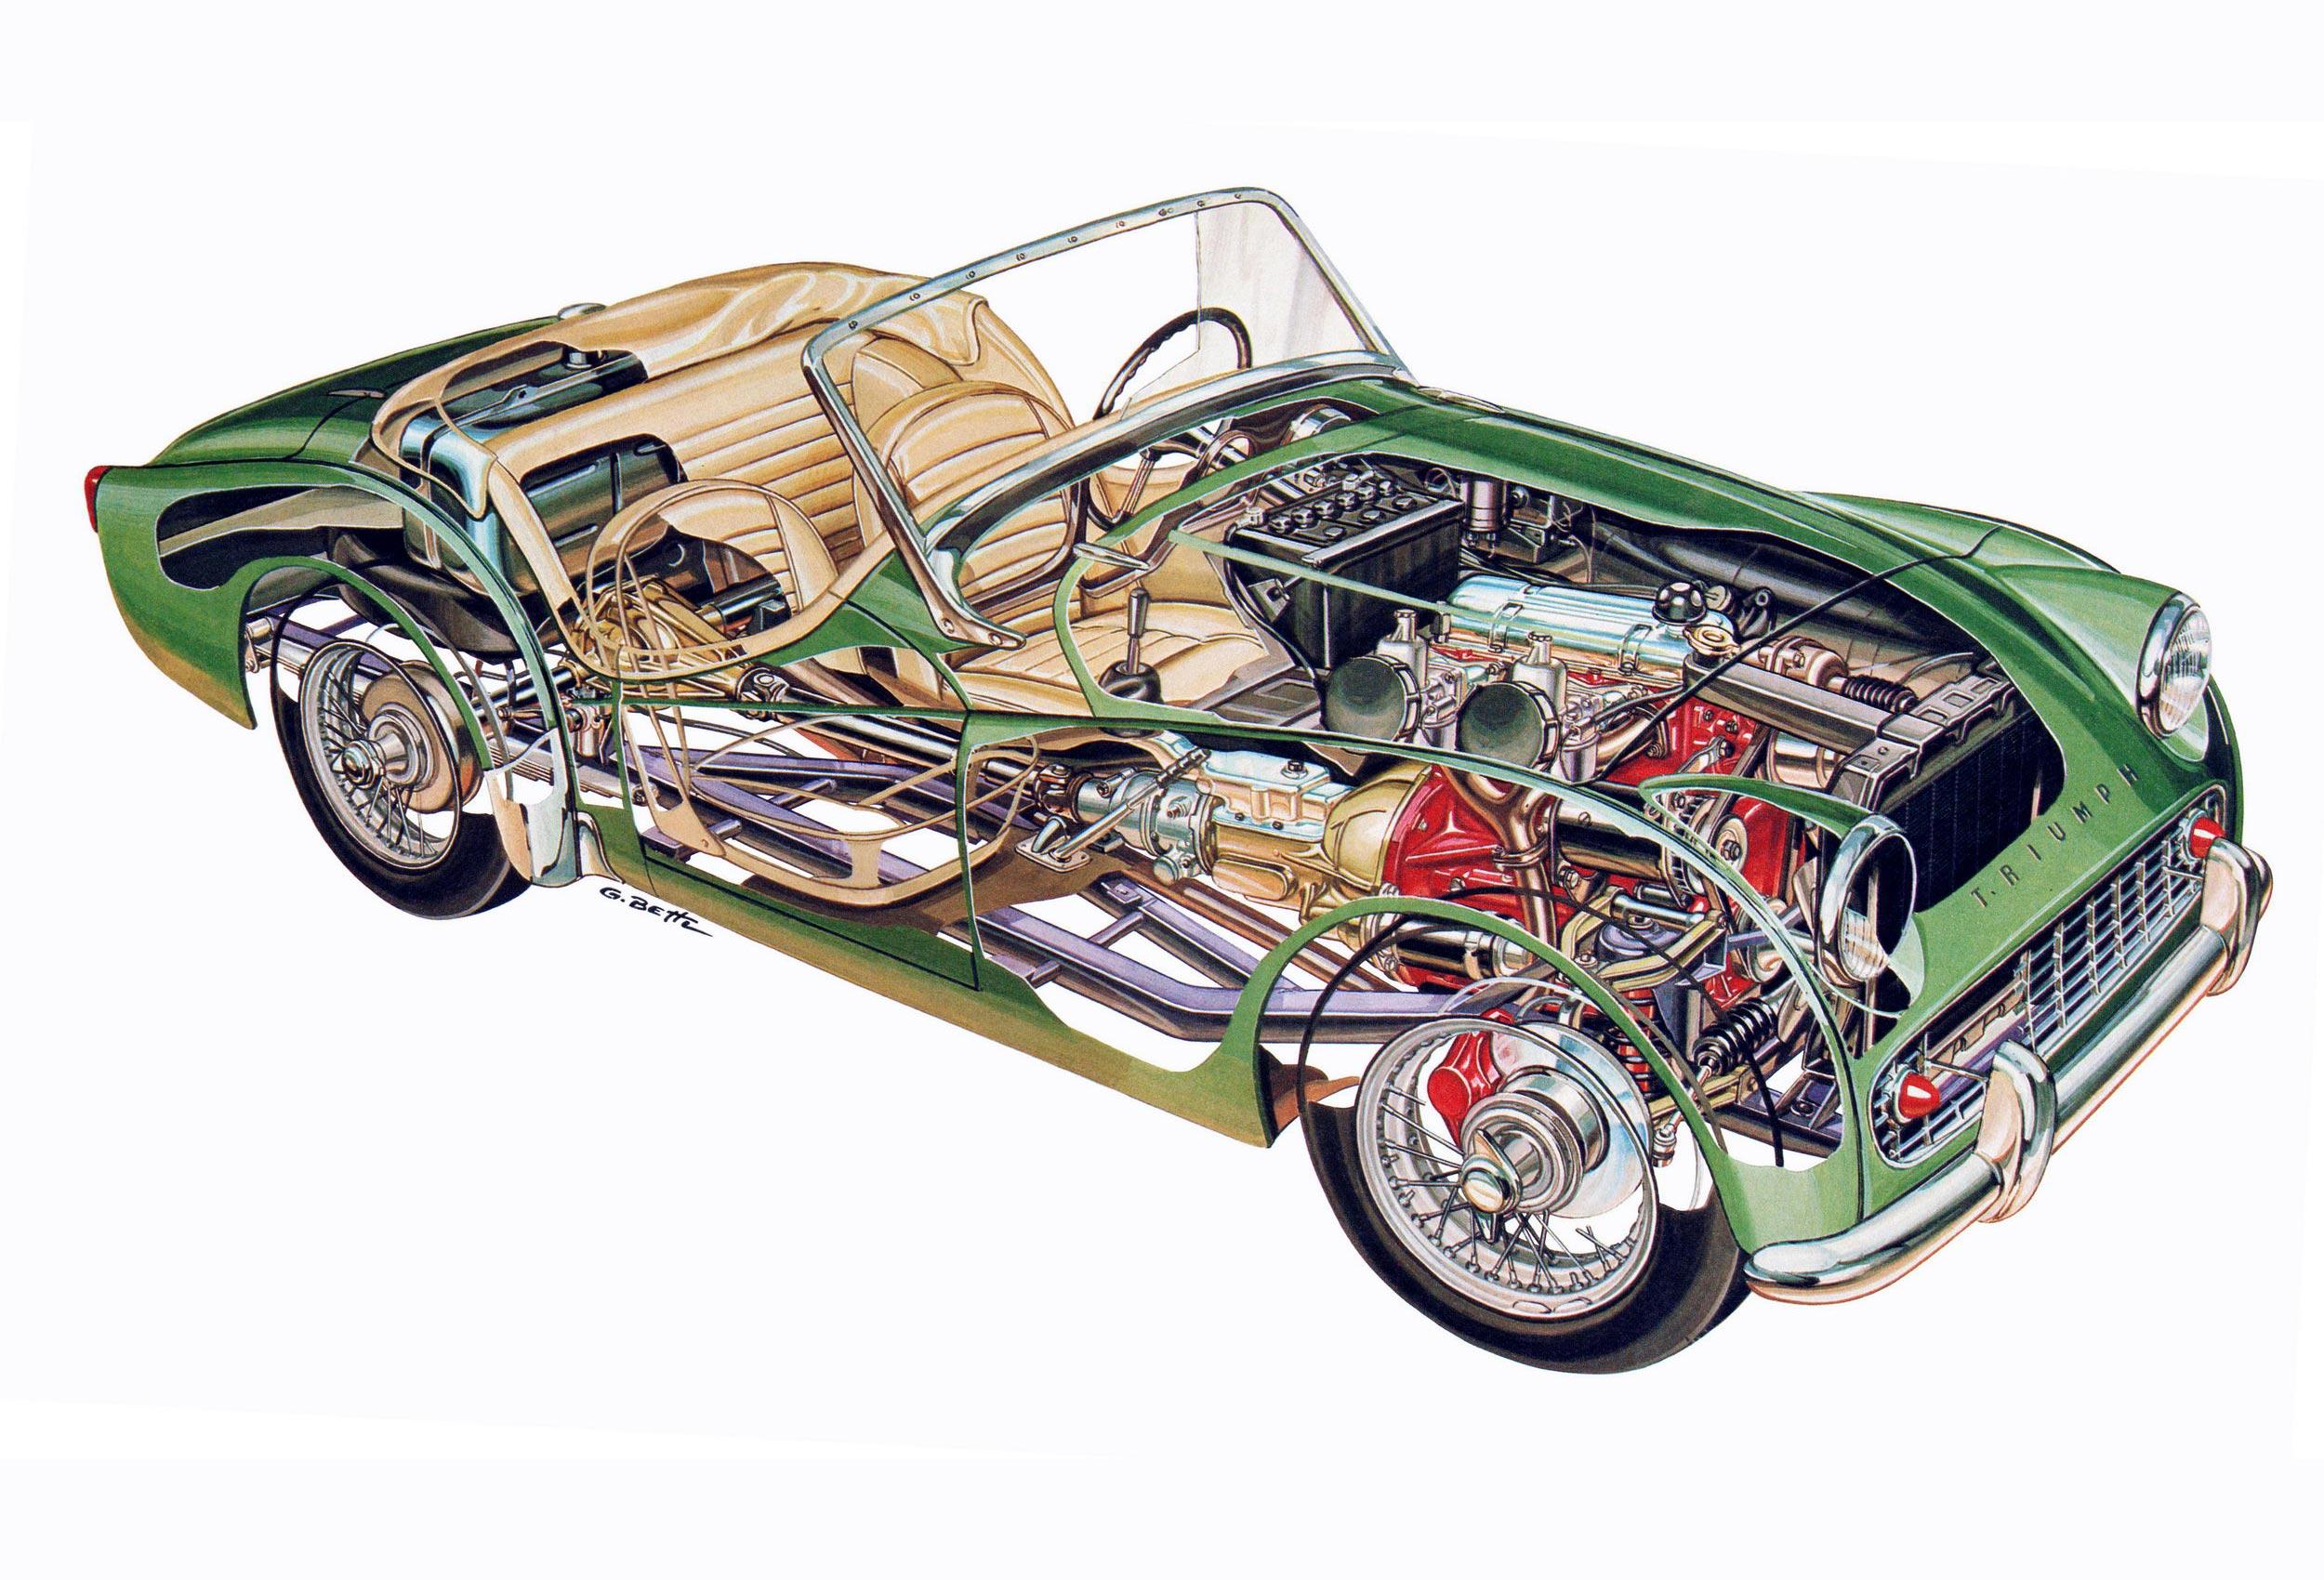 Triumph TR3 cutaway drawing